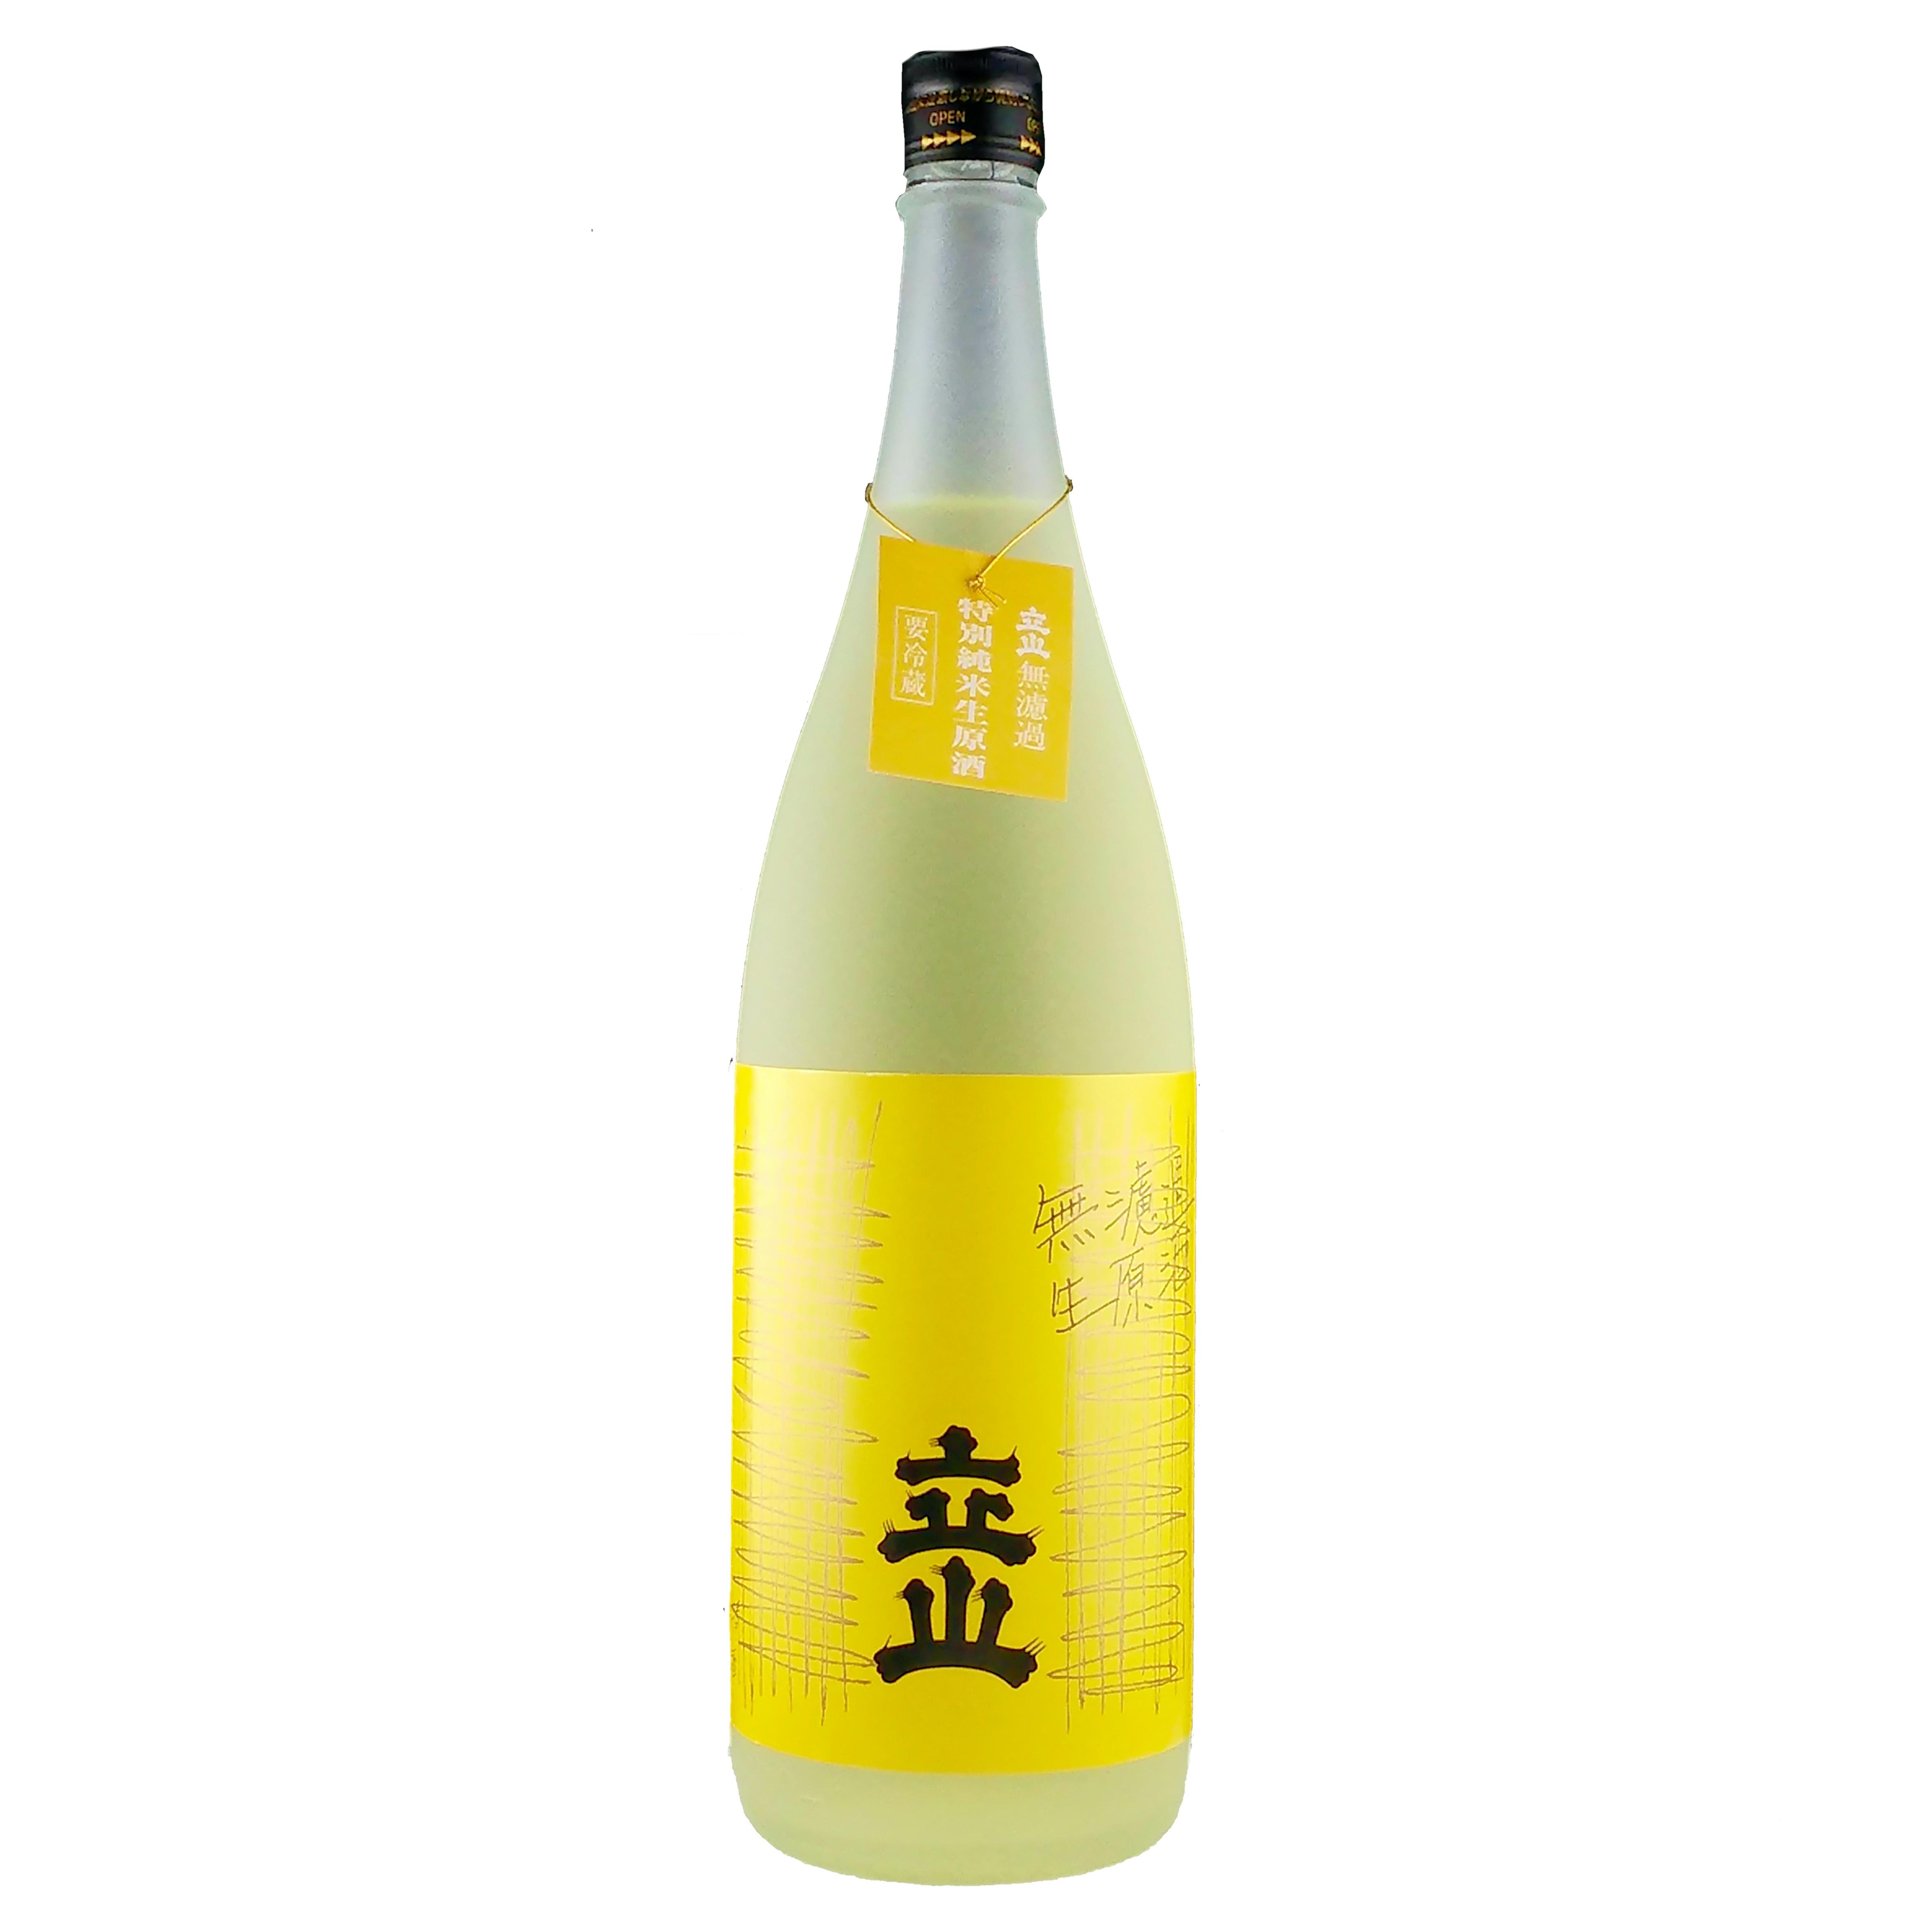 銀嶺立山 特別純米酒 無濾過生原酒